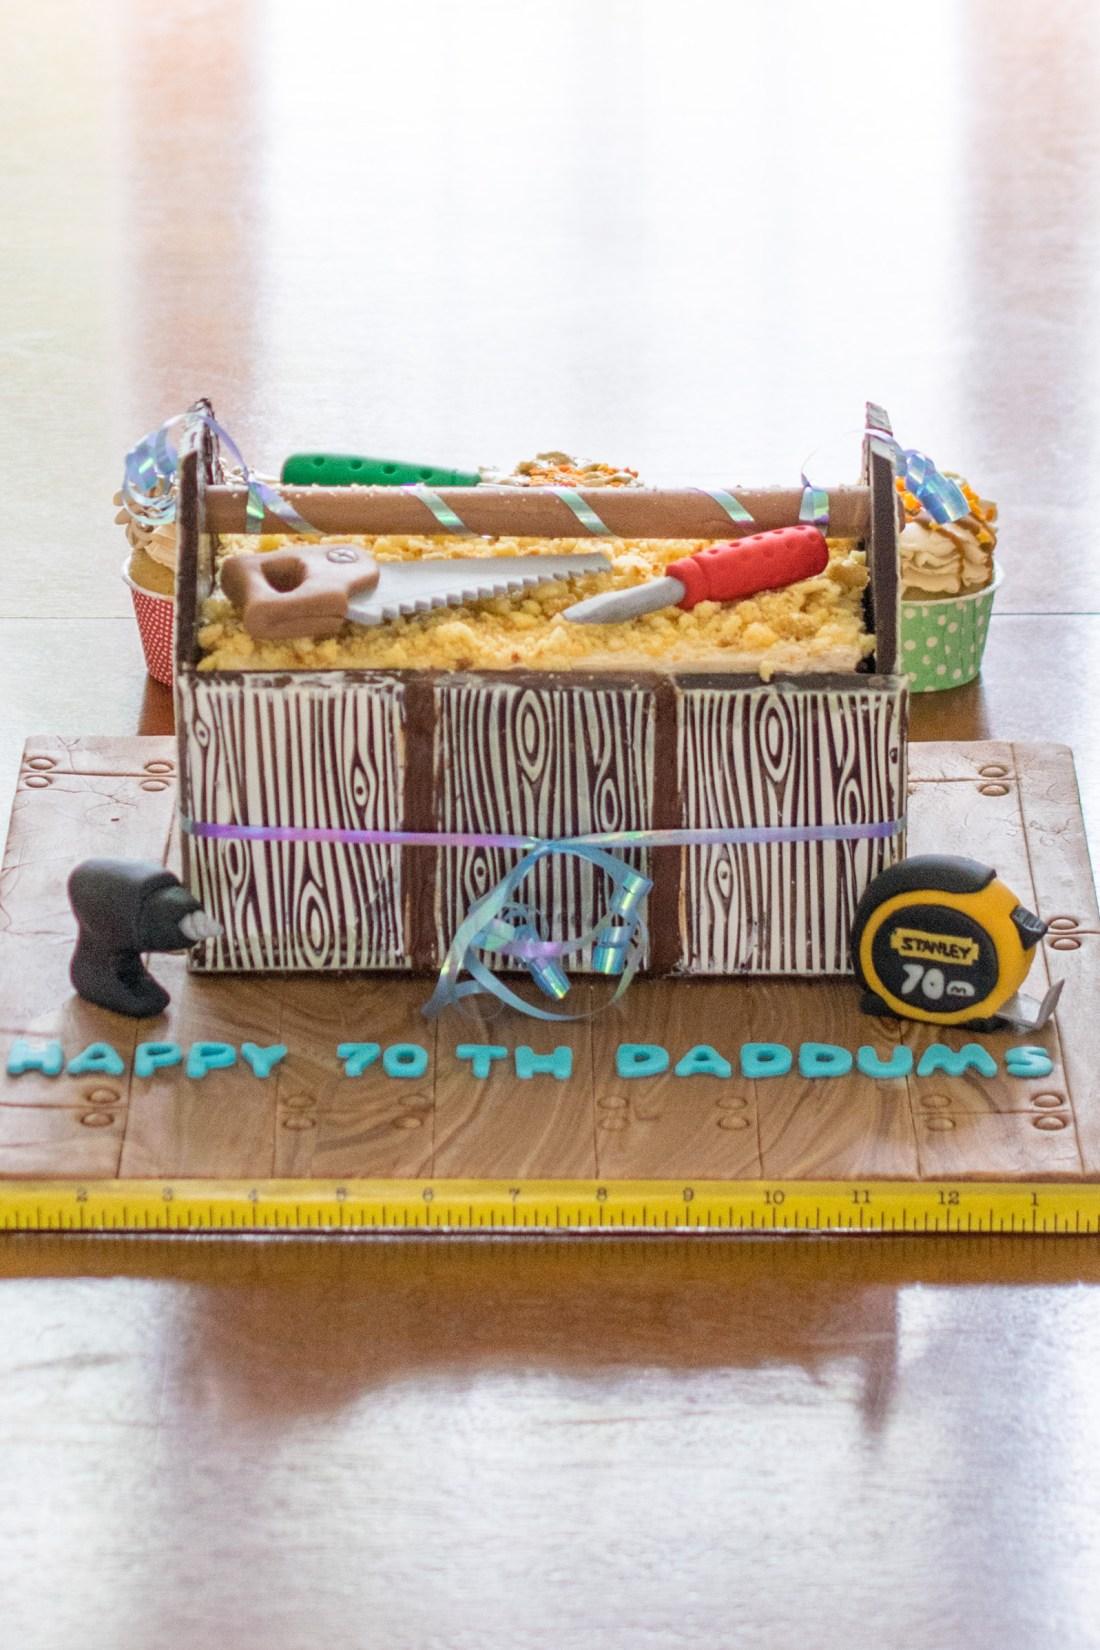 carpenters-cake-4